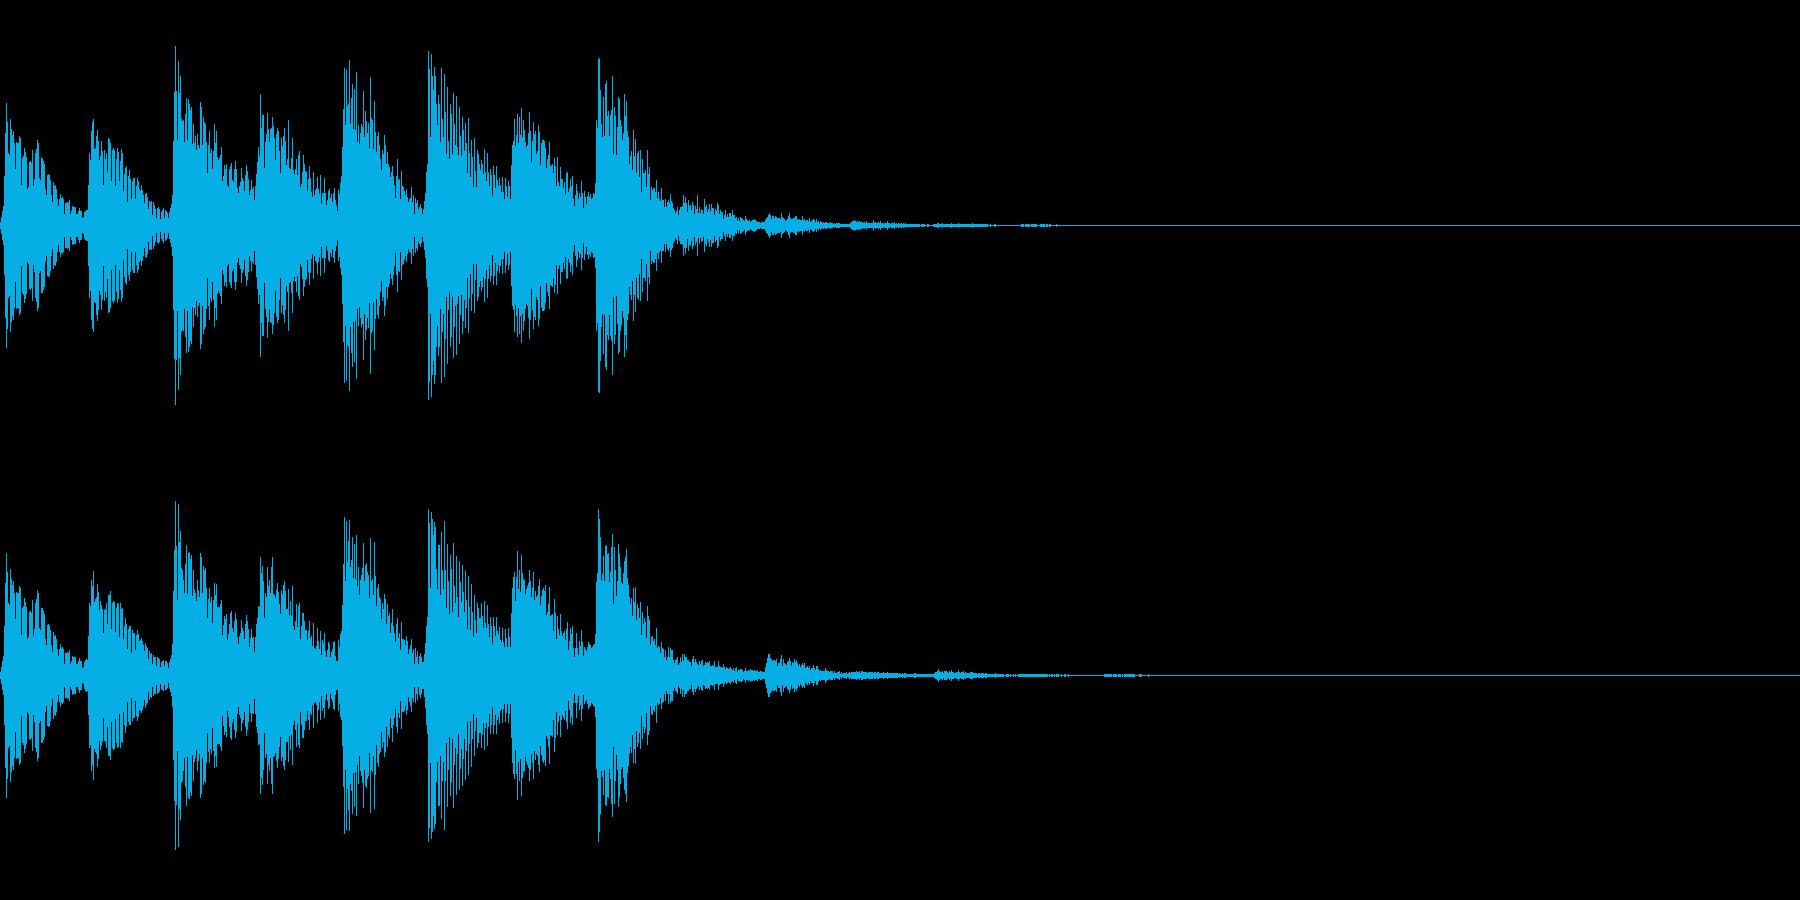 パラララ(ファミコン/テクノ/幻想的#3の再生済みの波形